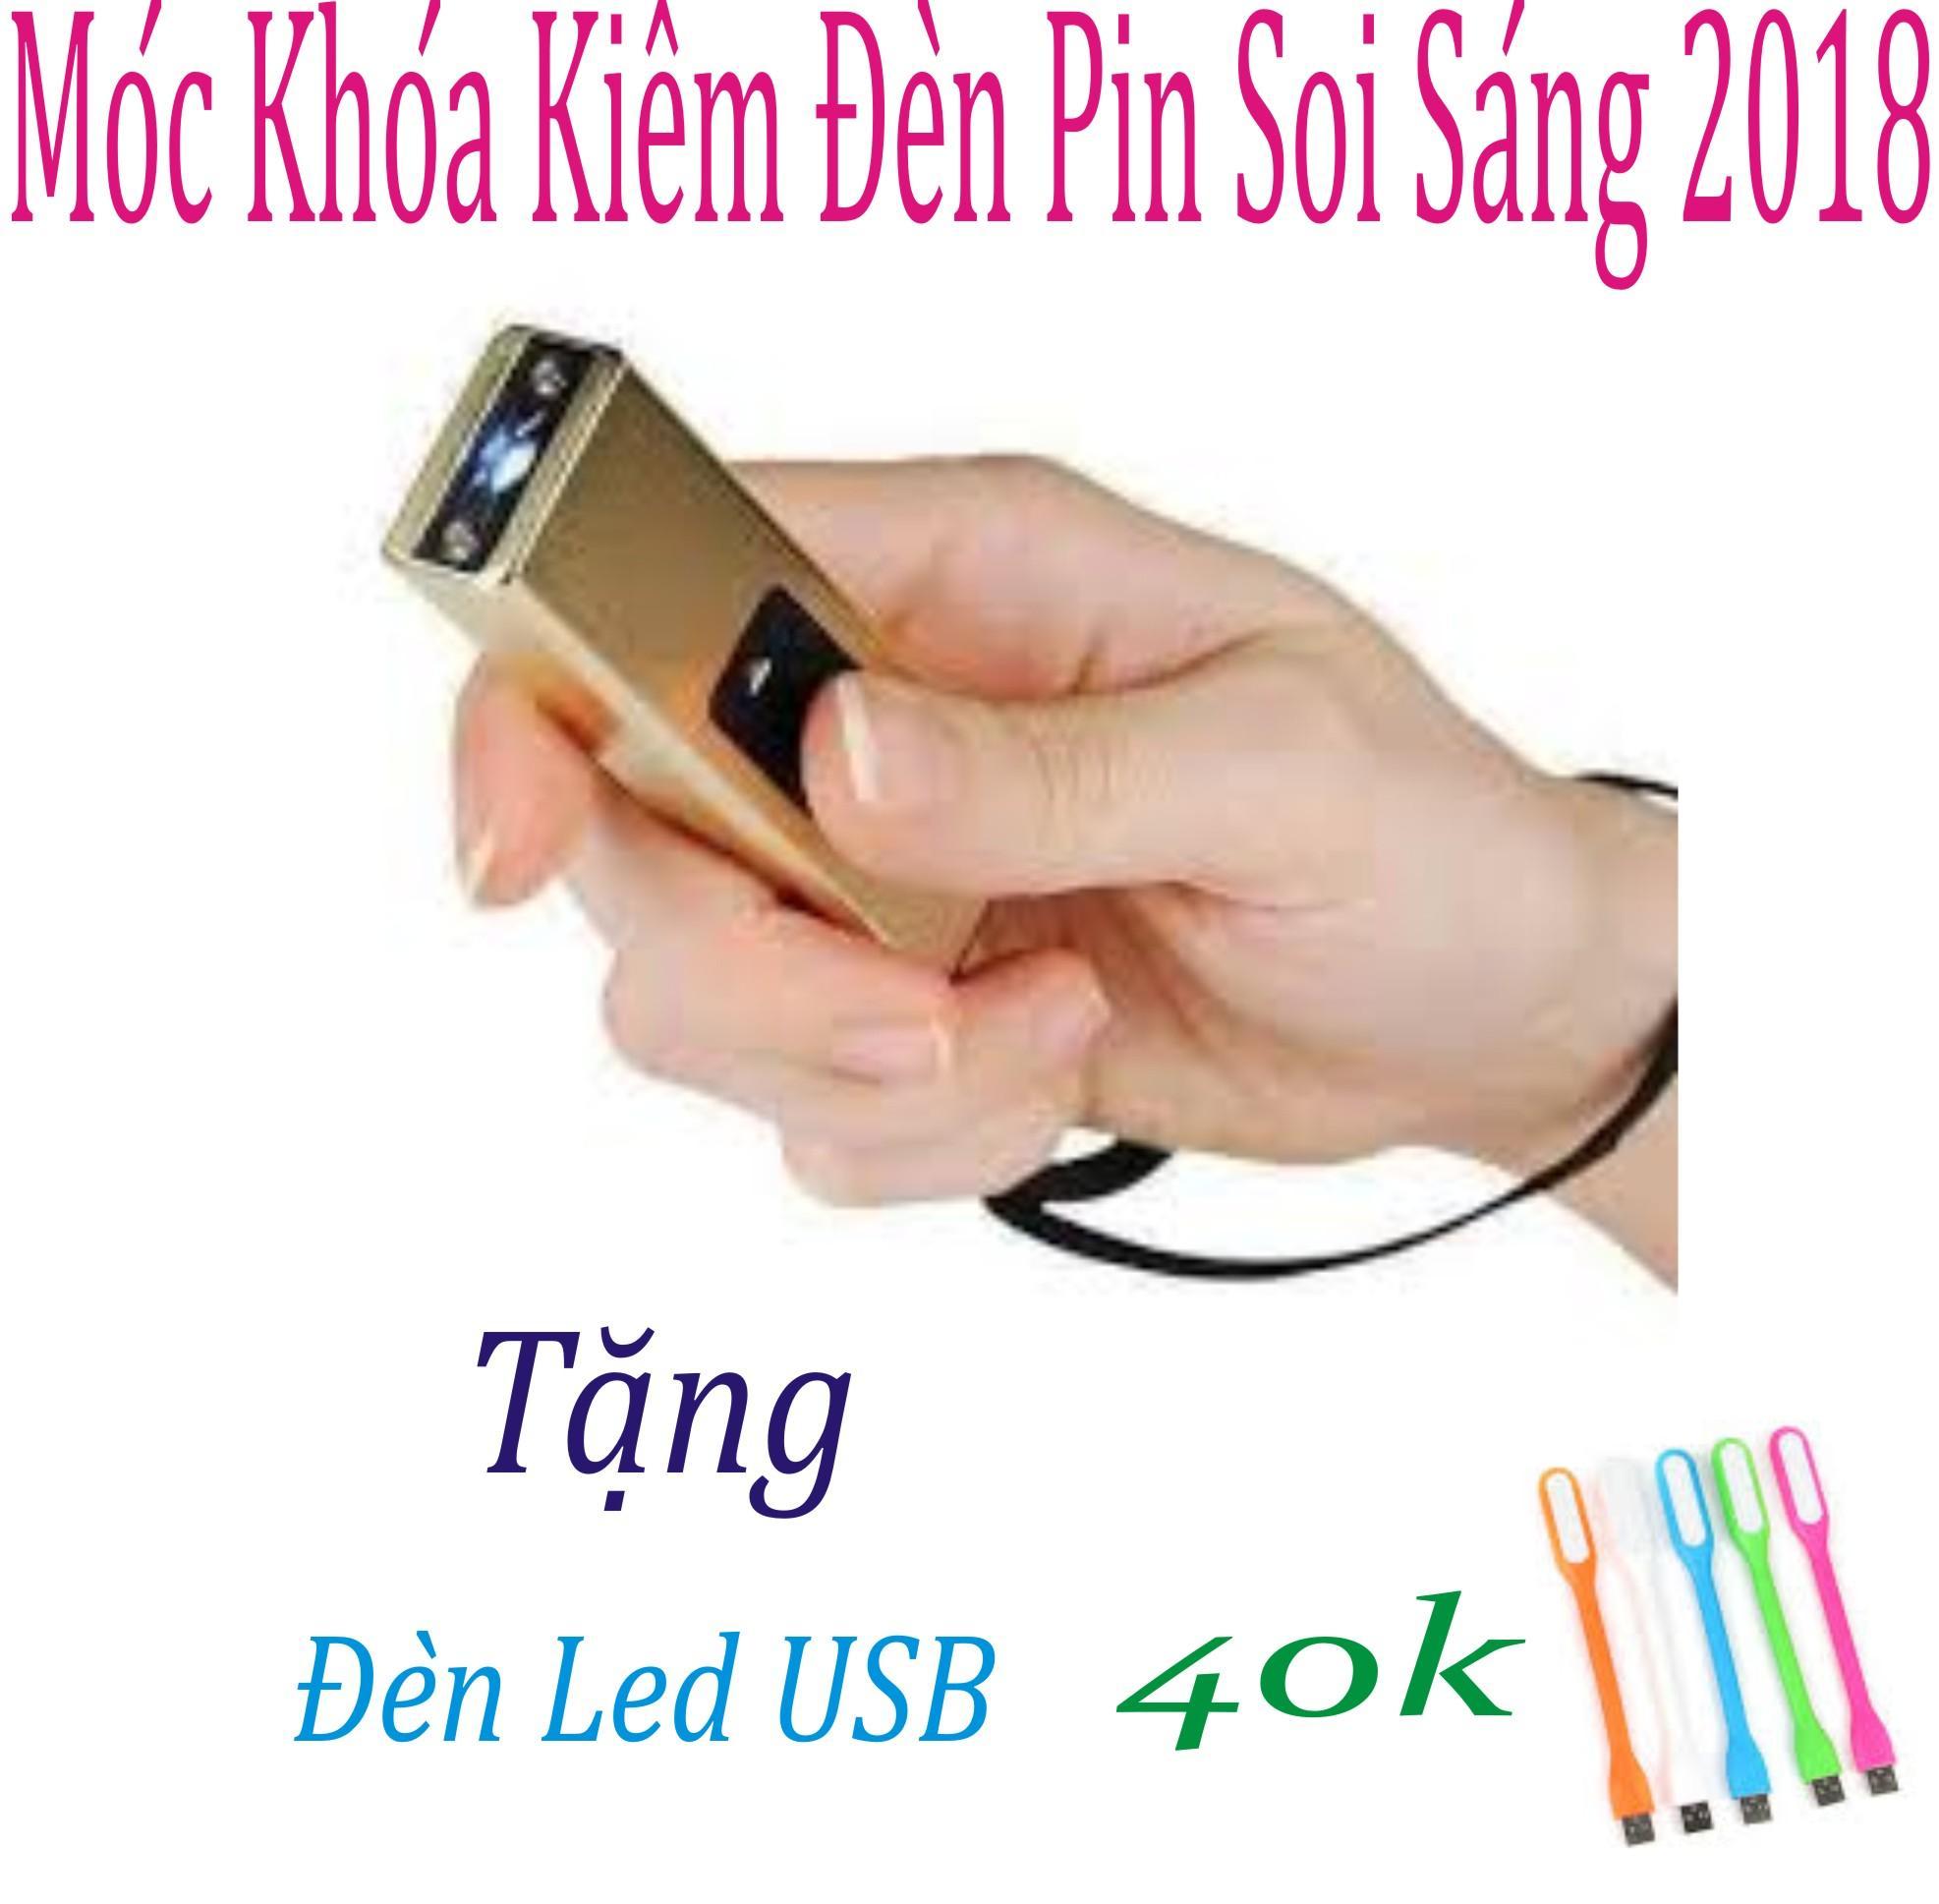 Hình ảnh MÓC KHÓA CHÍCH ĐIỆN KIÊM ĐÈN PIN TỰ VỆ LOẠI 1- 2018 (Hồng) Tặng Đèn Led USB trị Giá 69k